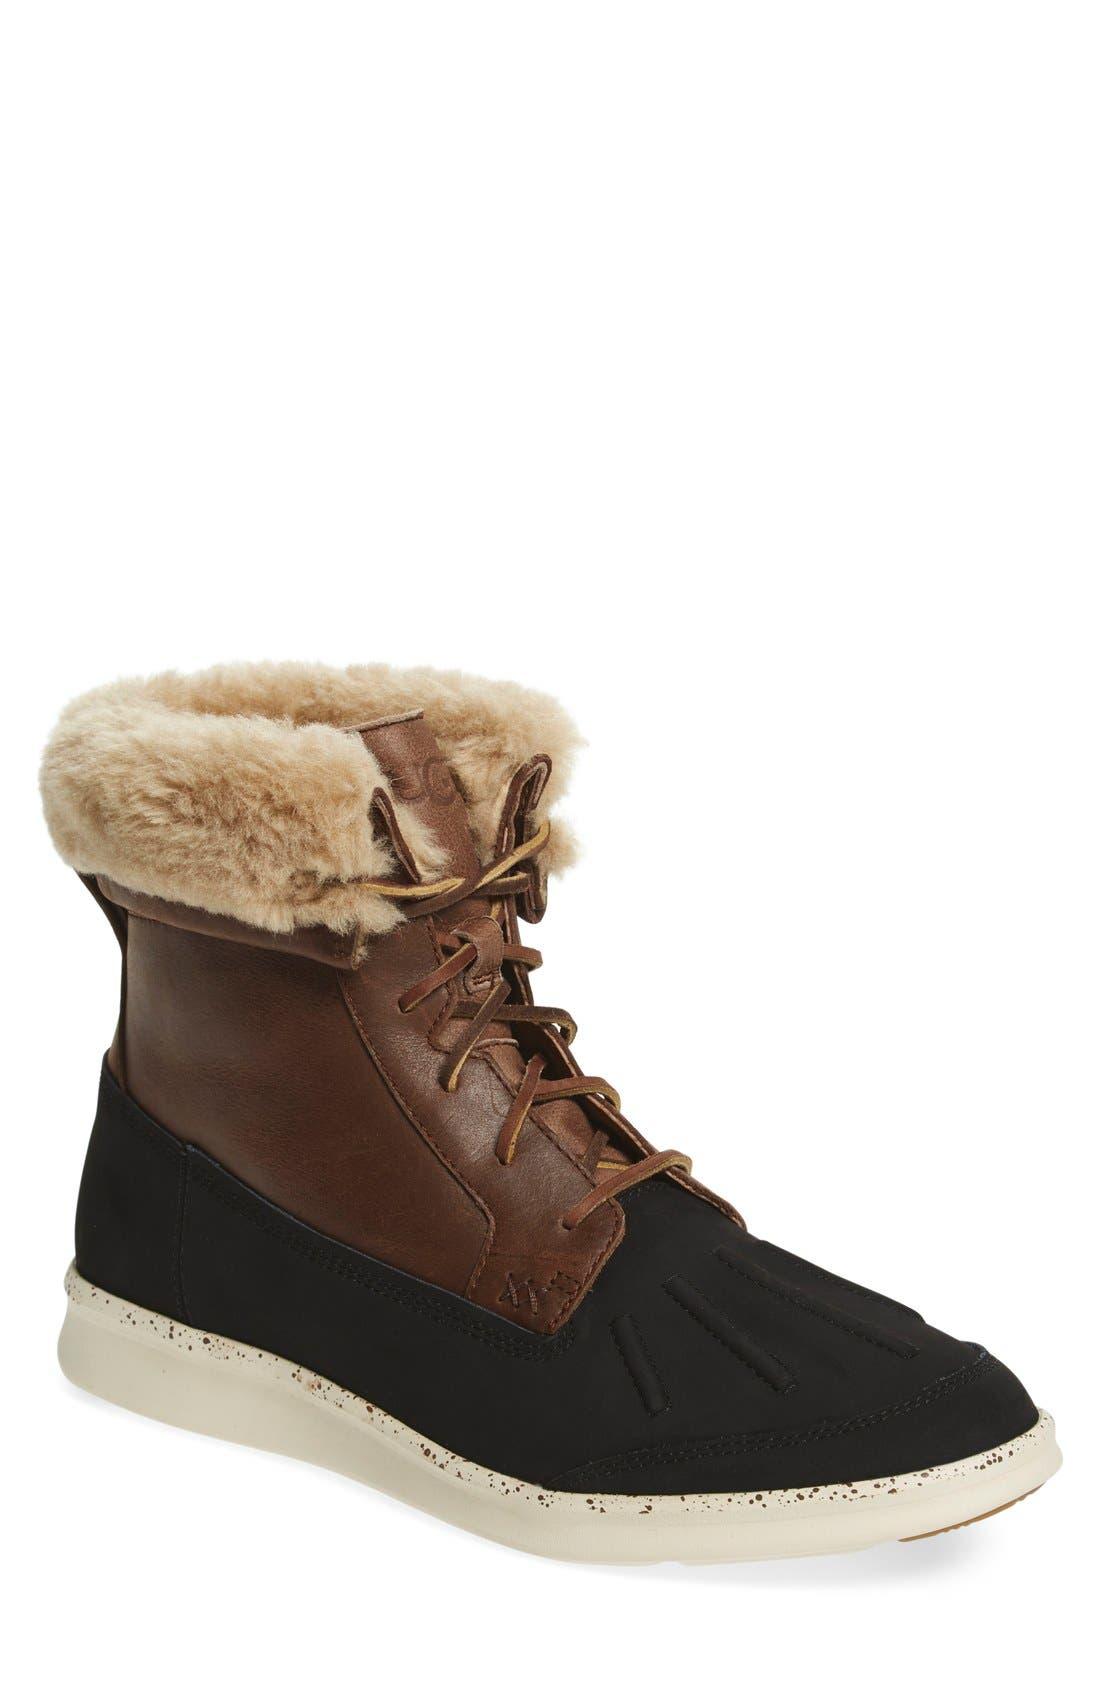 Alternate Image 1 Selected - UGG® Roskoe Snow Boot (Men)